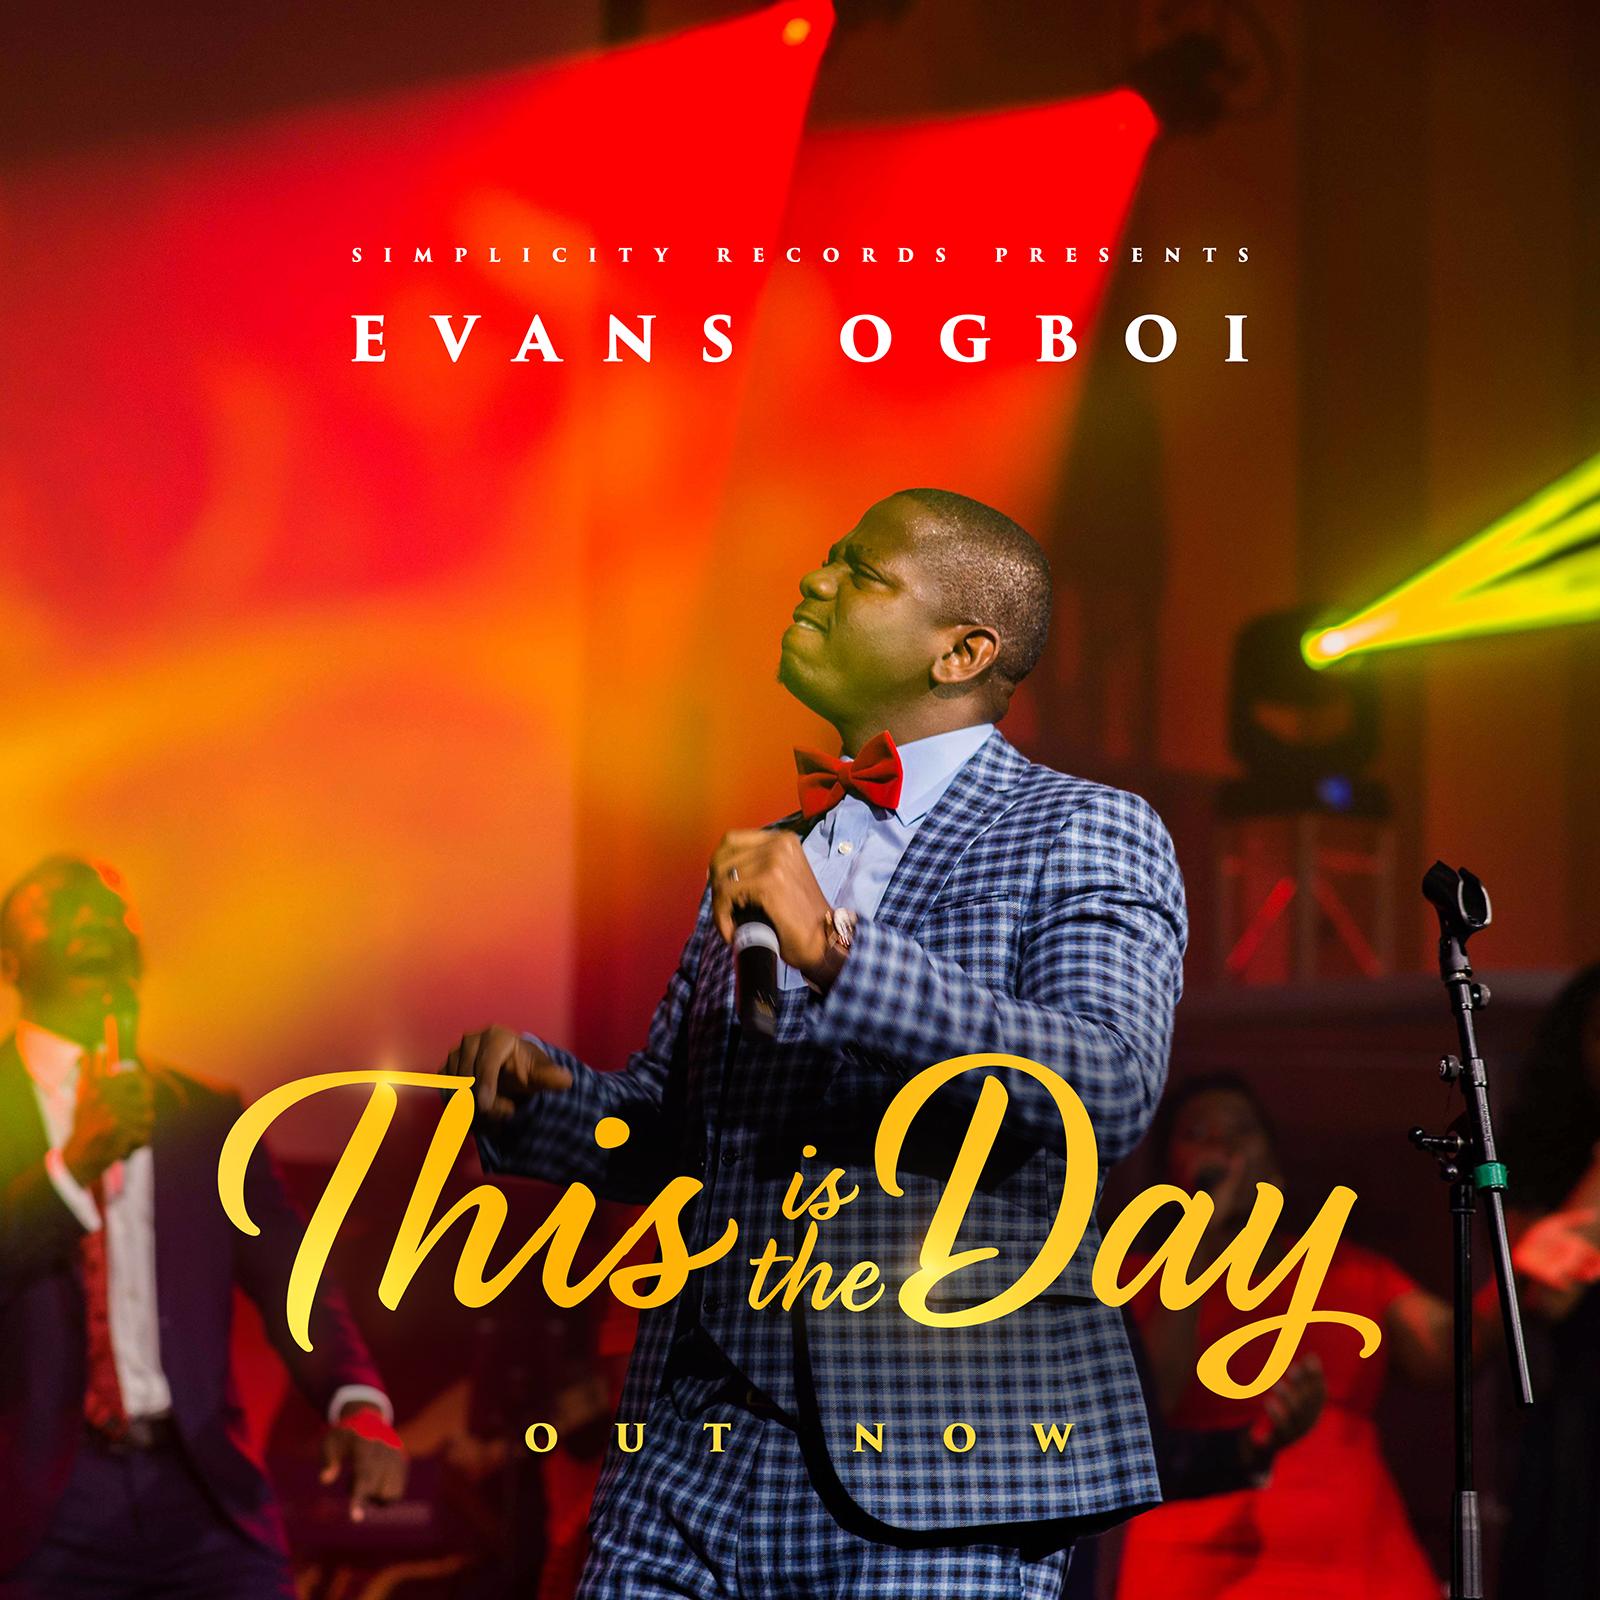 Evans Ogboi